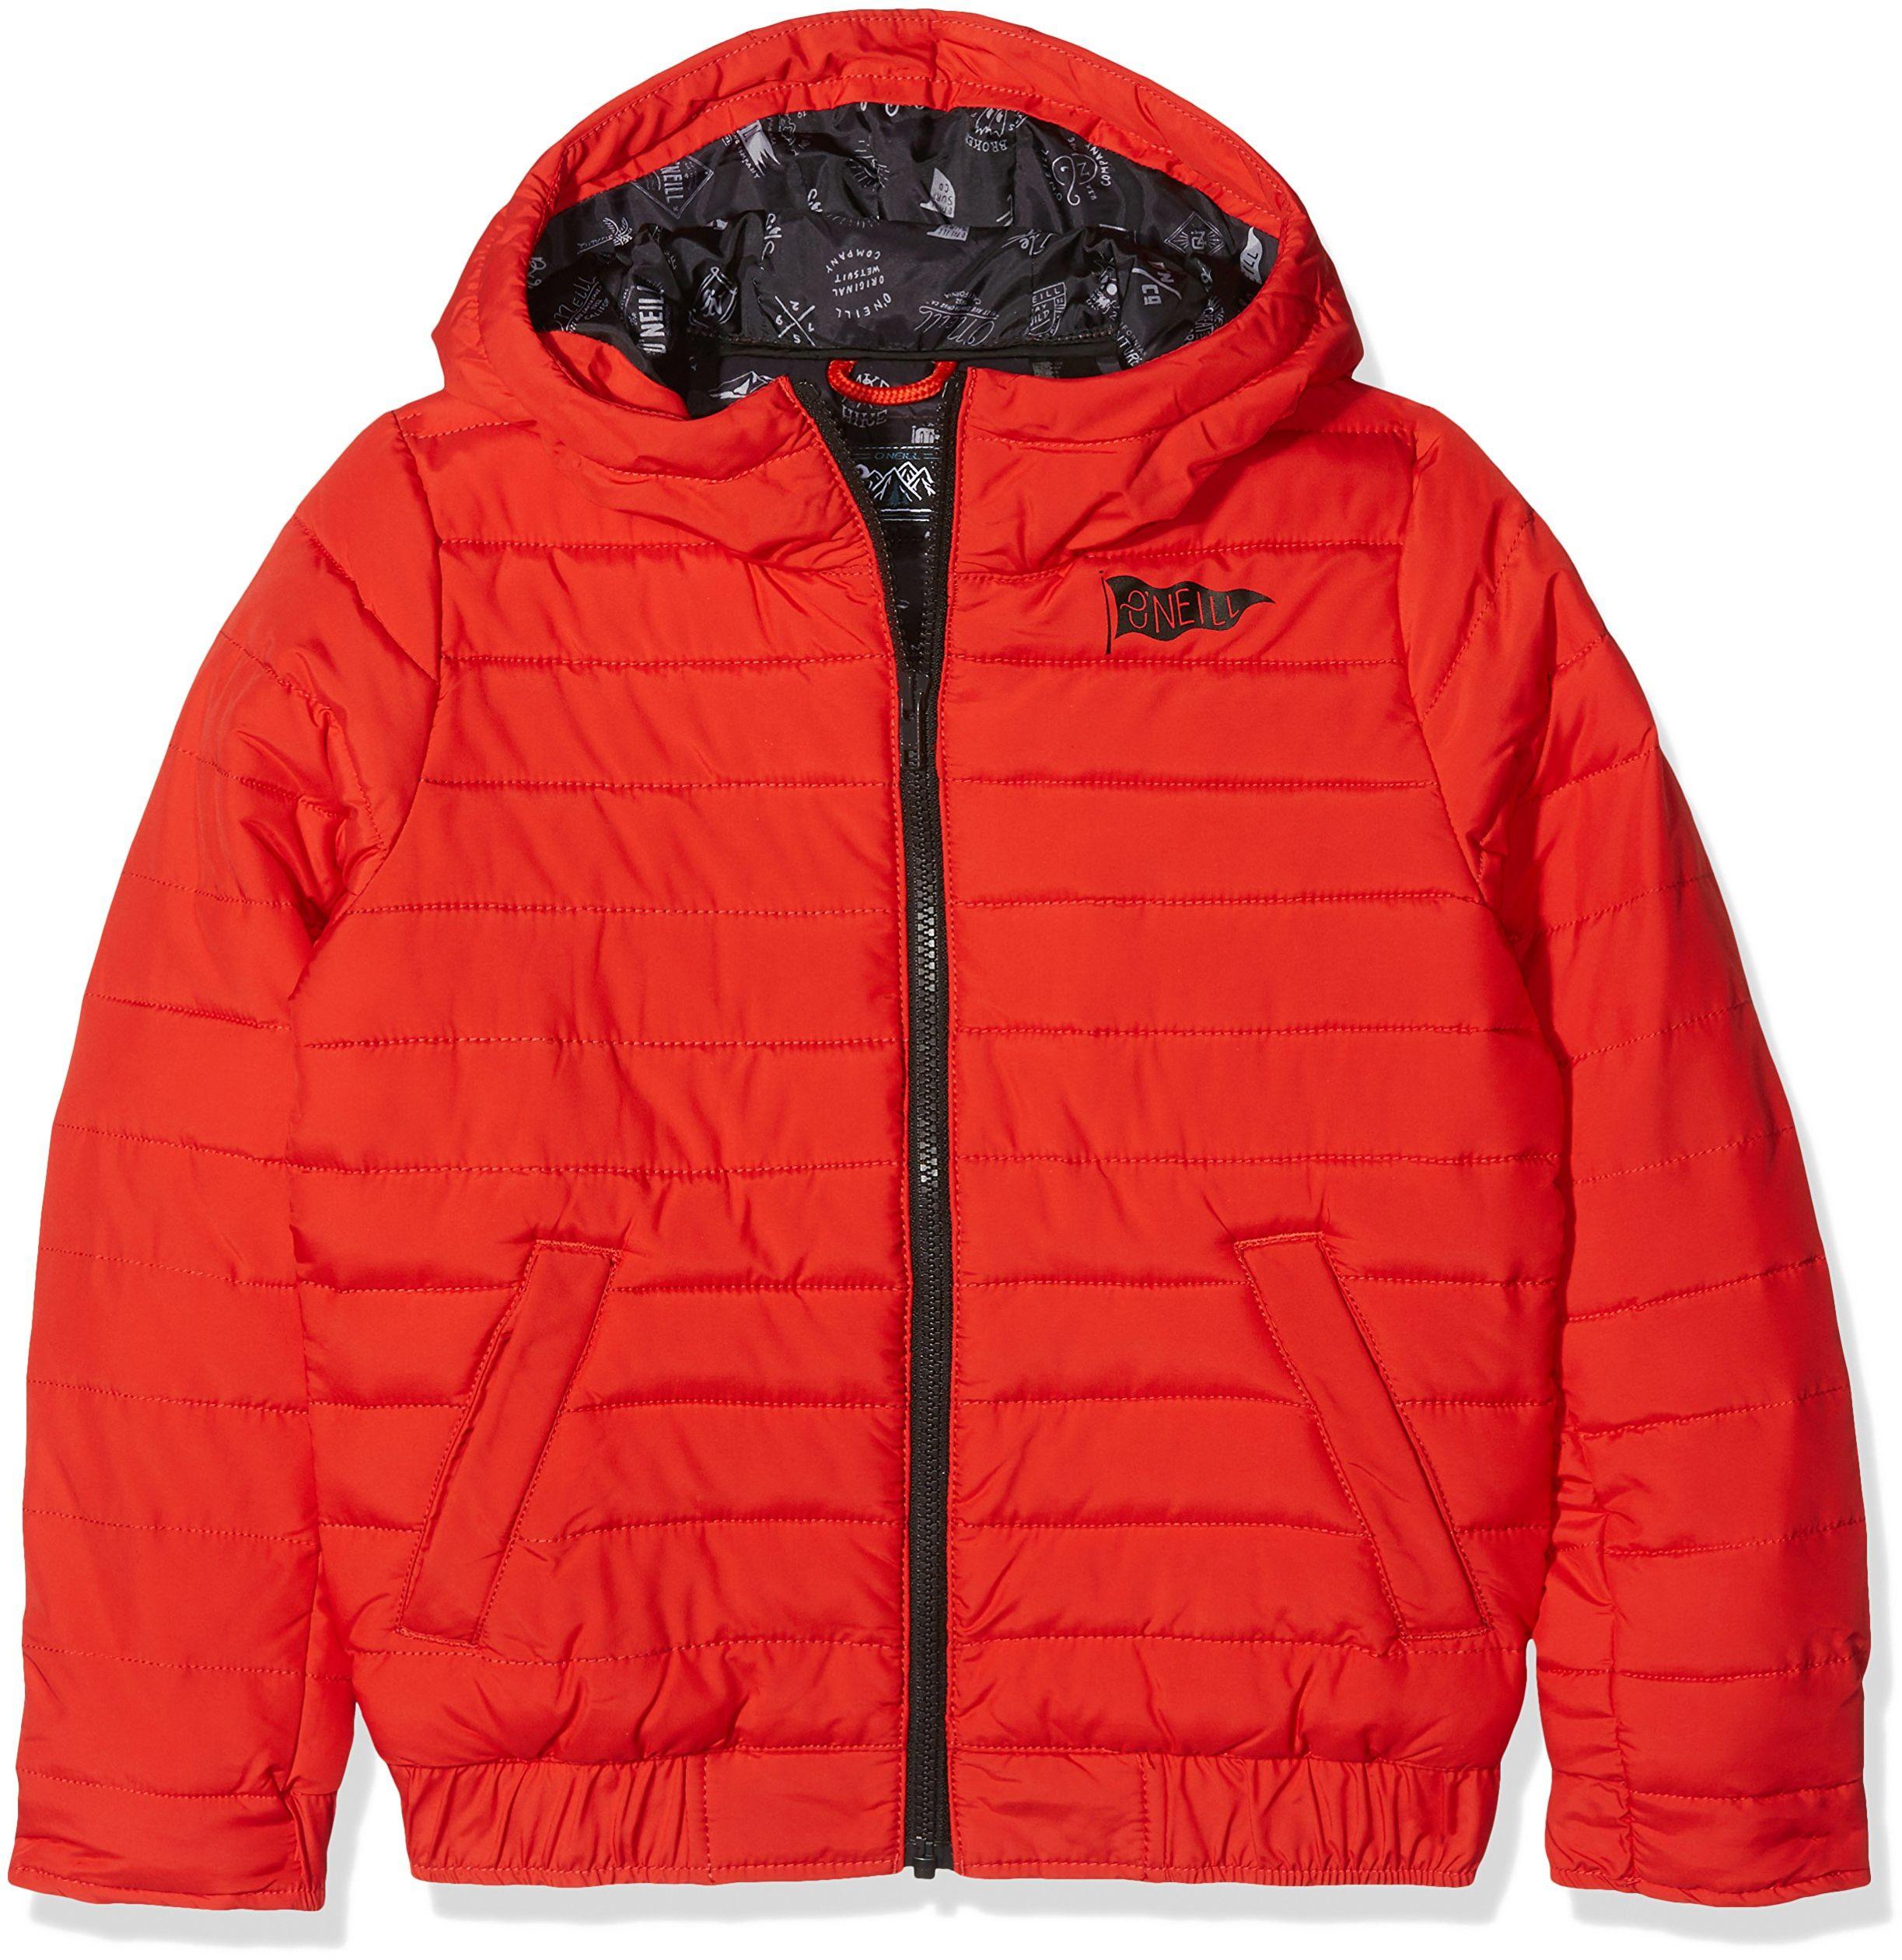 O''Neill Lb 1952 Bomber Jacket kurtka płaszcz czerwony ognista czerwień FR : L (Taille Fabricant : 140)